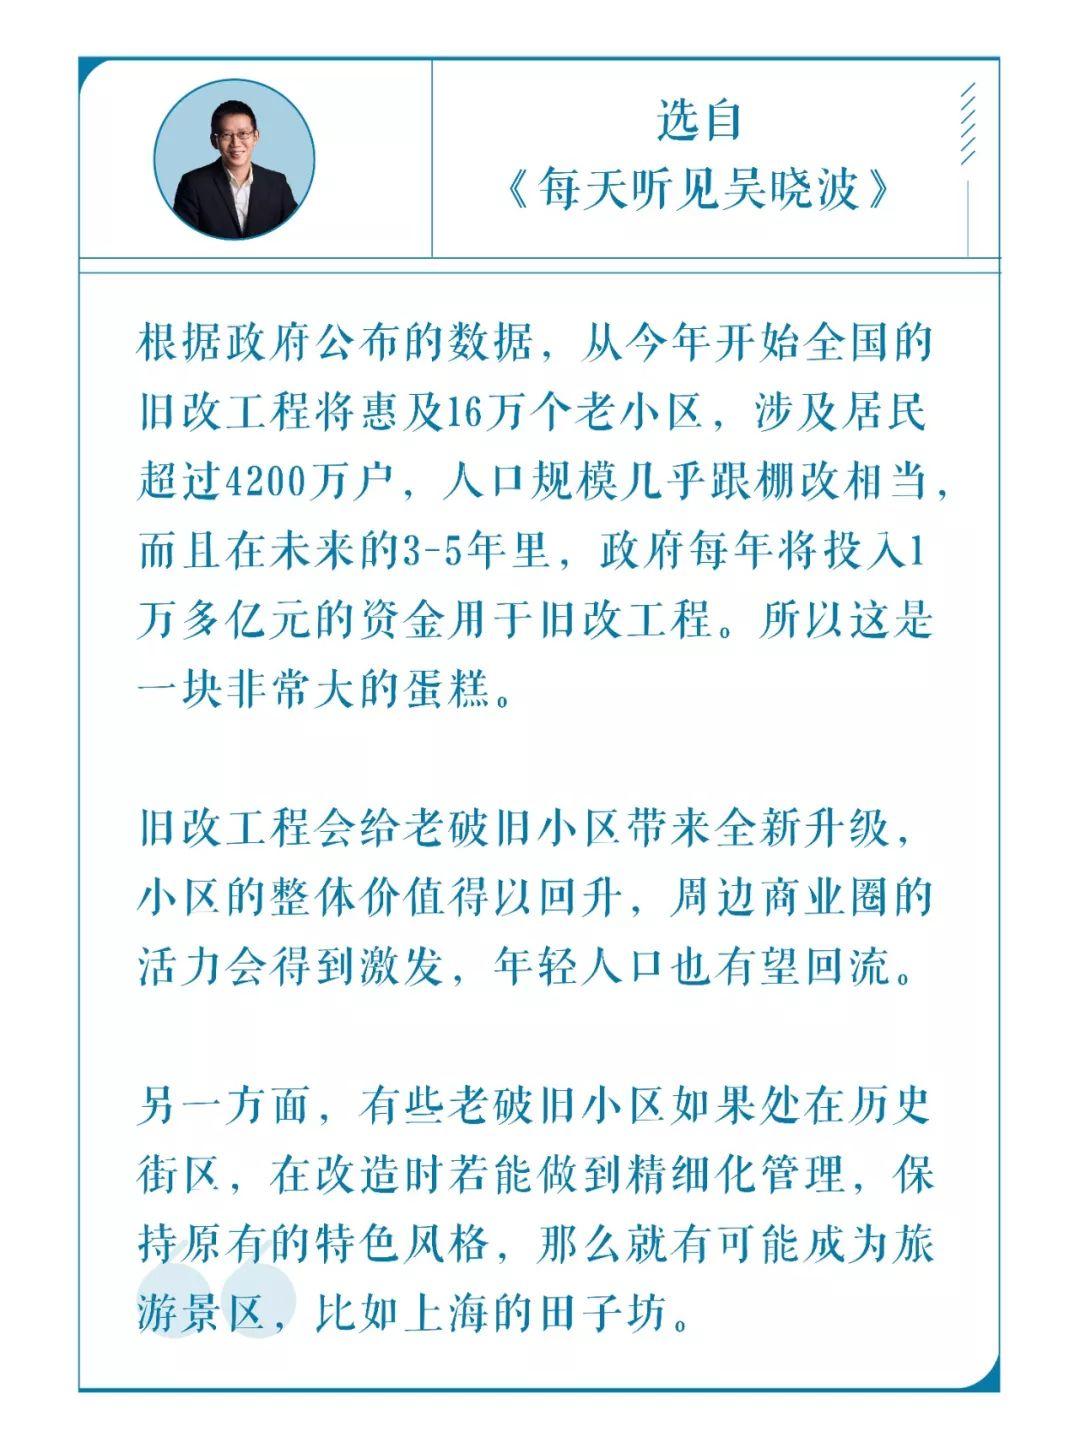 """www.12555b.com·夸吴亦凡《大碗宽面》""""很聪明"""",B站运营道歉了"""